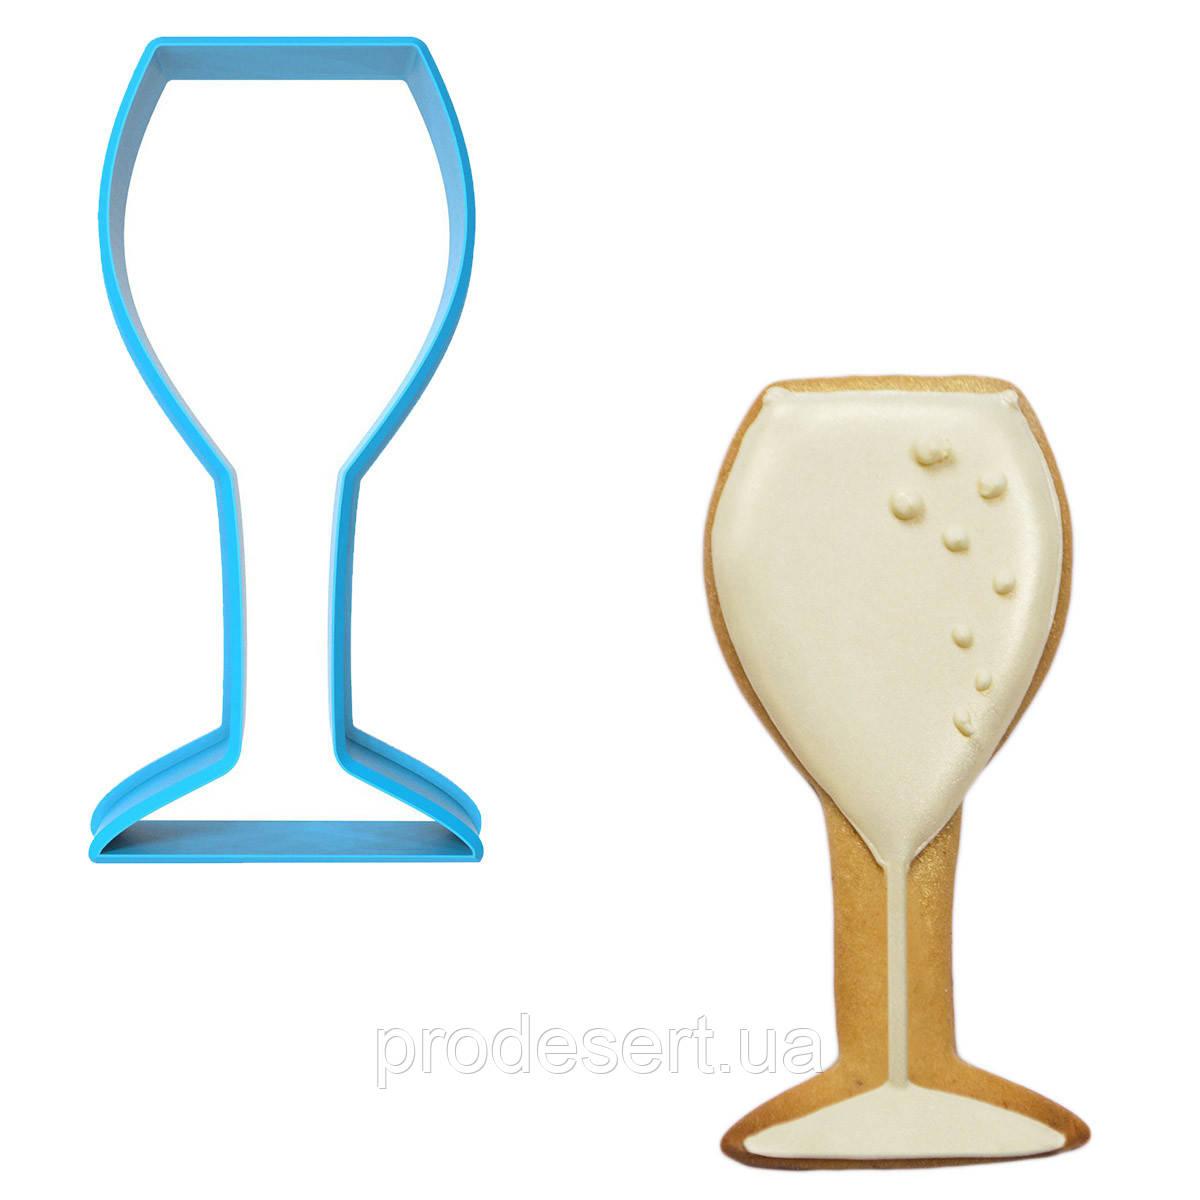 Бокал шампанского вырубка для пряников 8*4 см (3D)